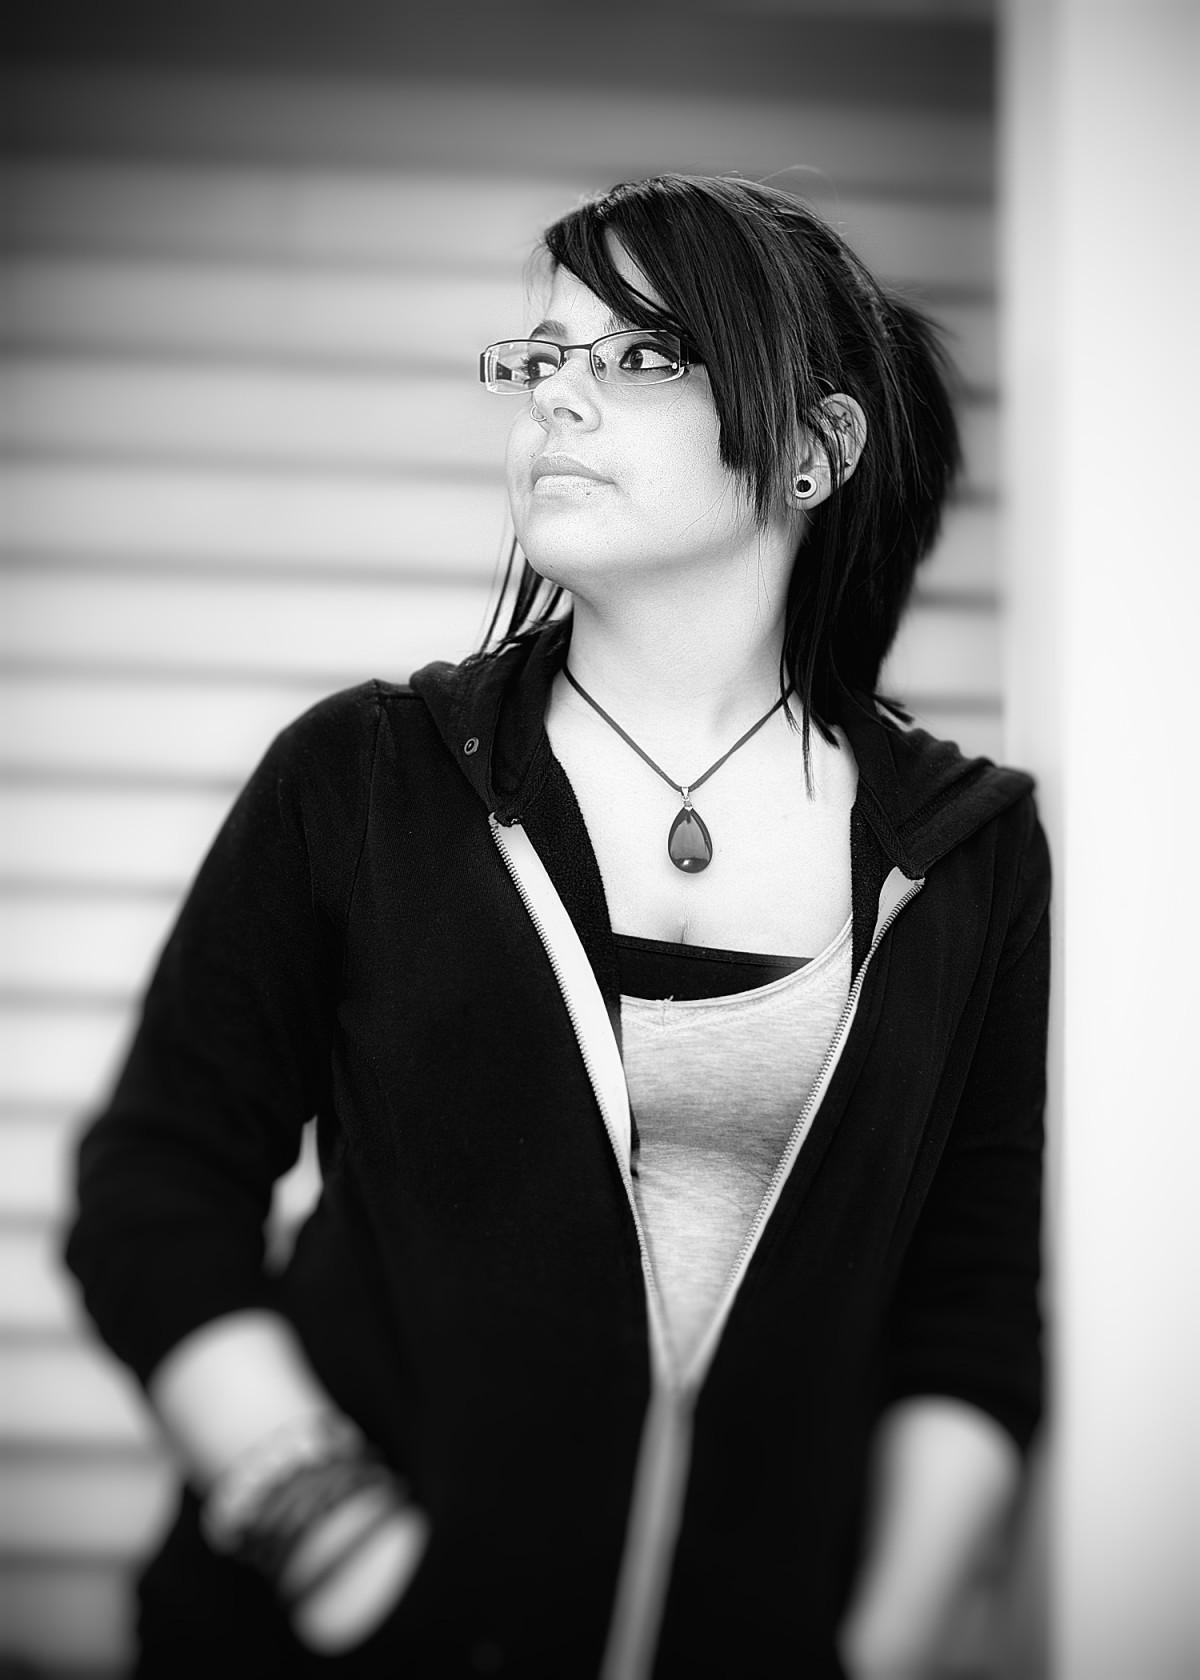 Fotos gratis : en blanco y negro, cabello, fotografía, masculino, retrato, modelo, primavera ...